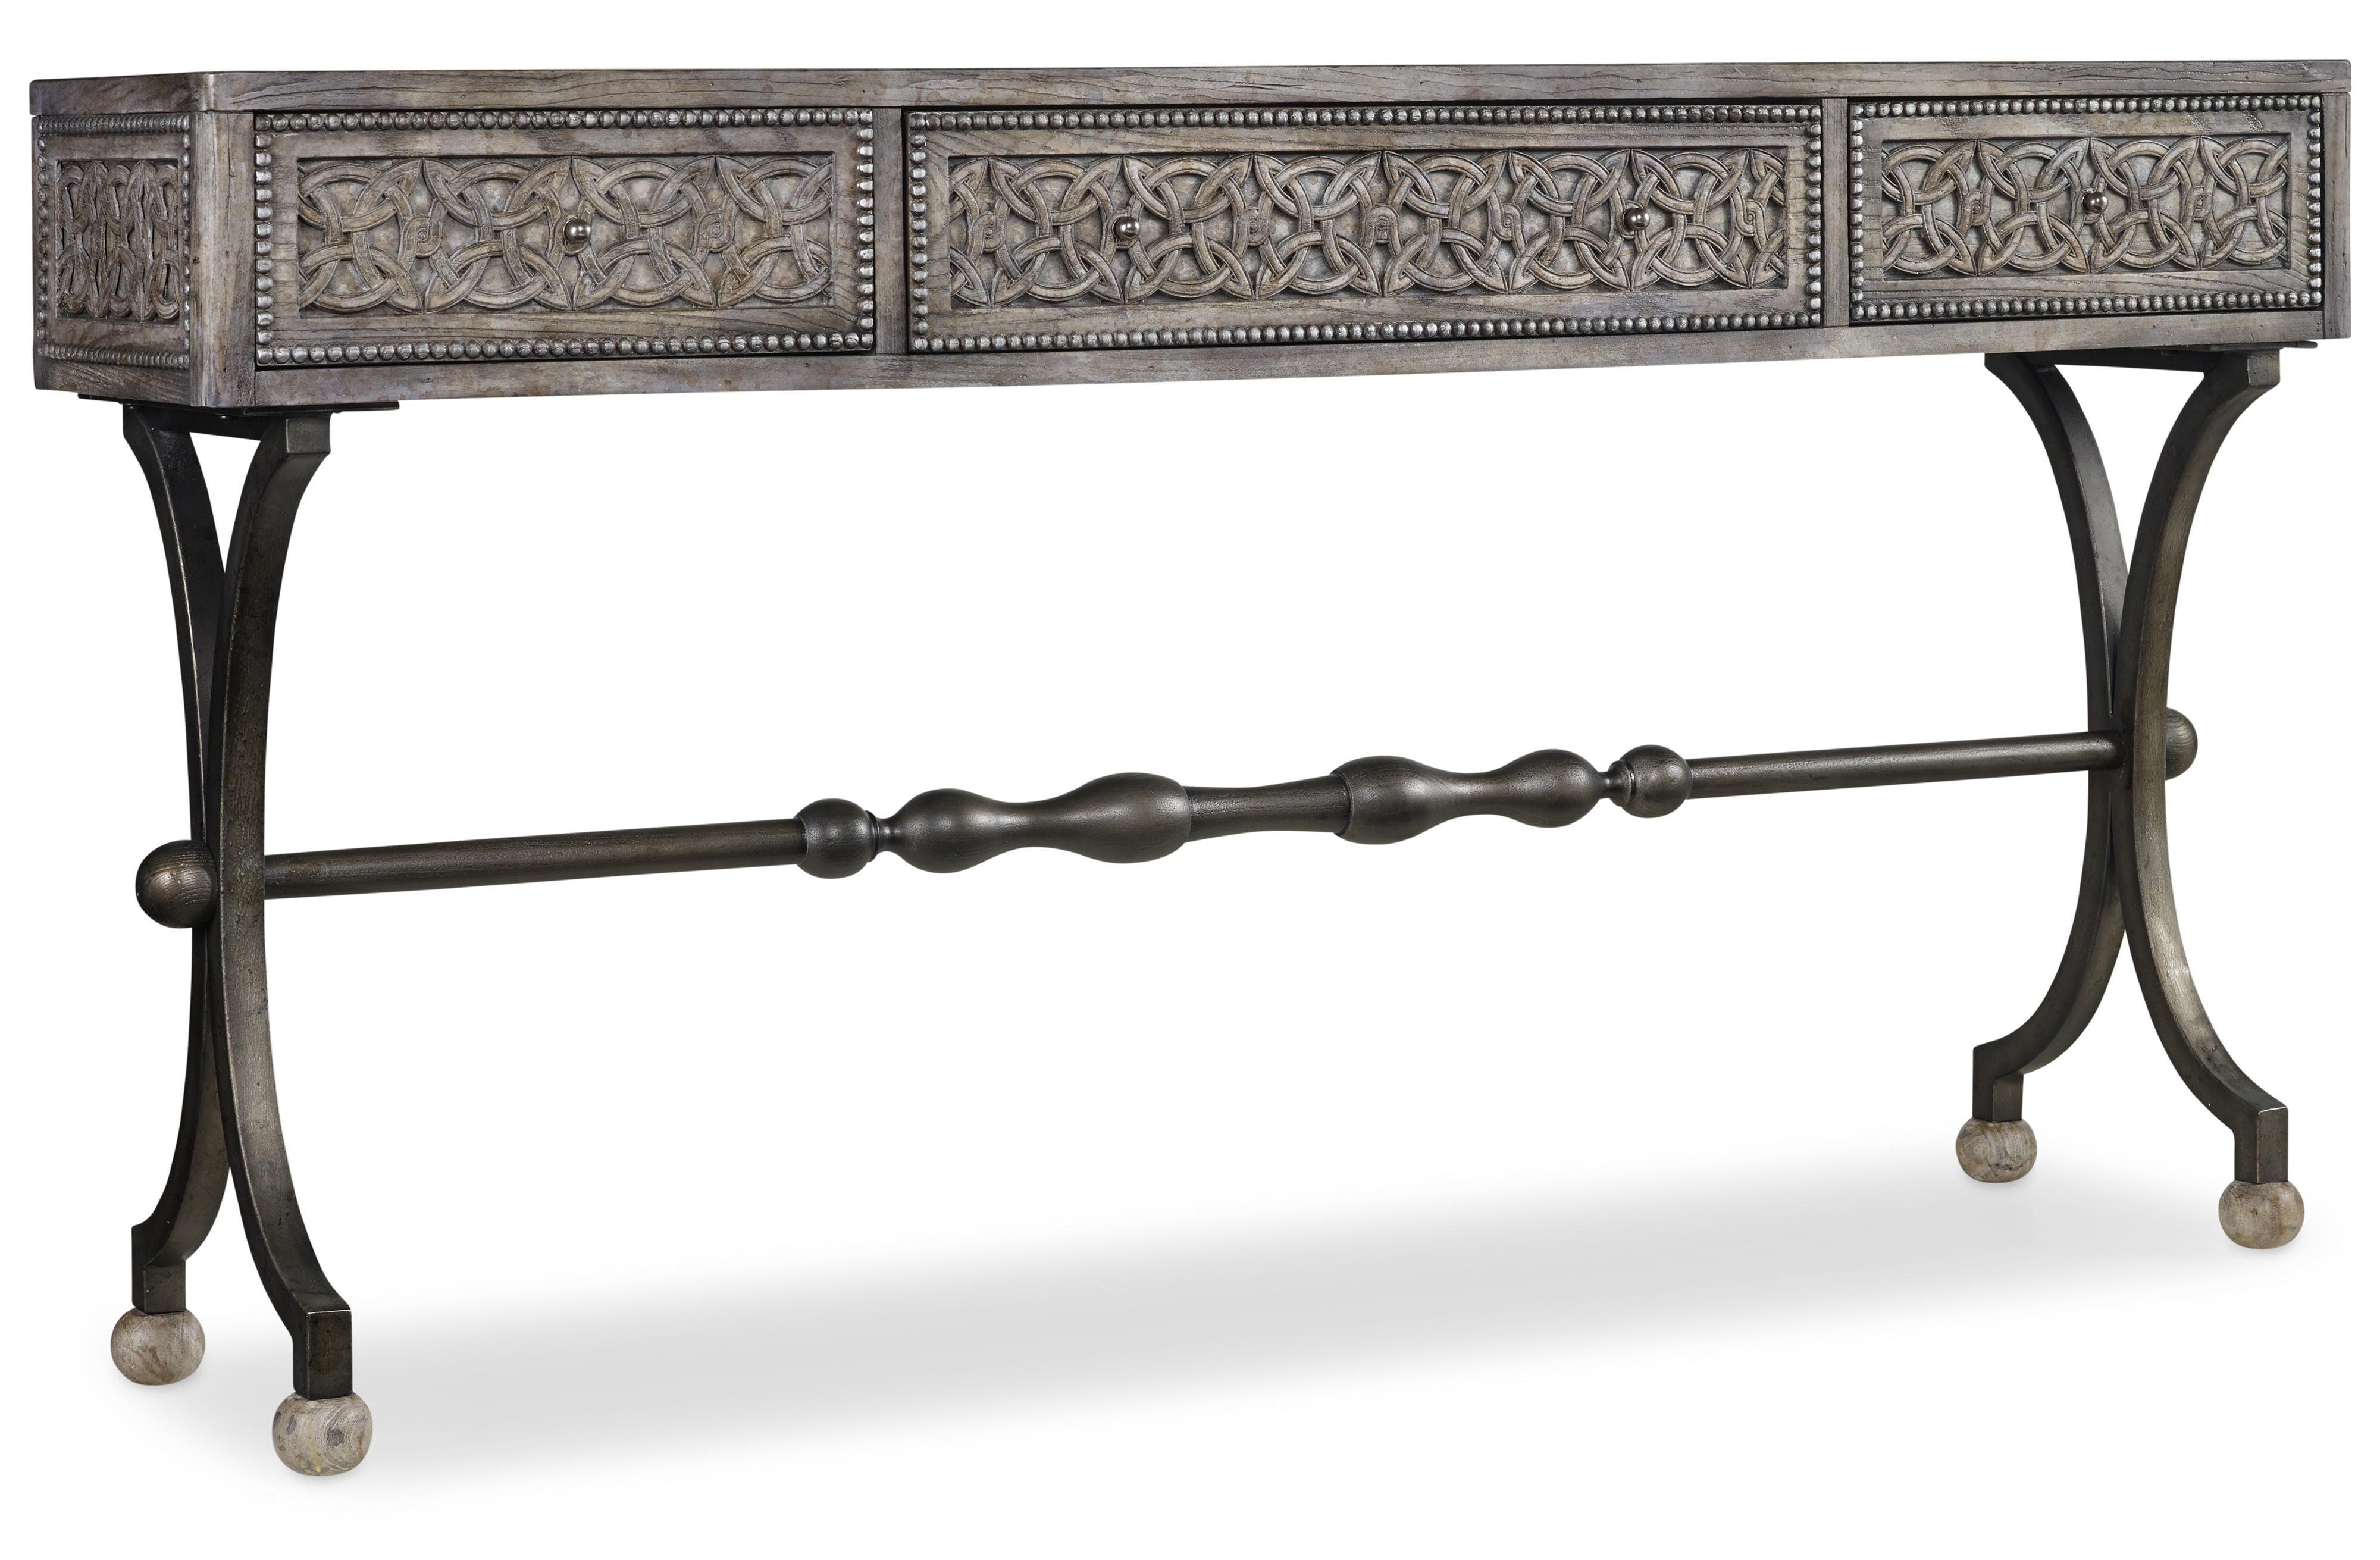 Ravenna Console